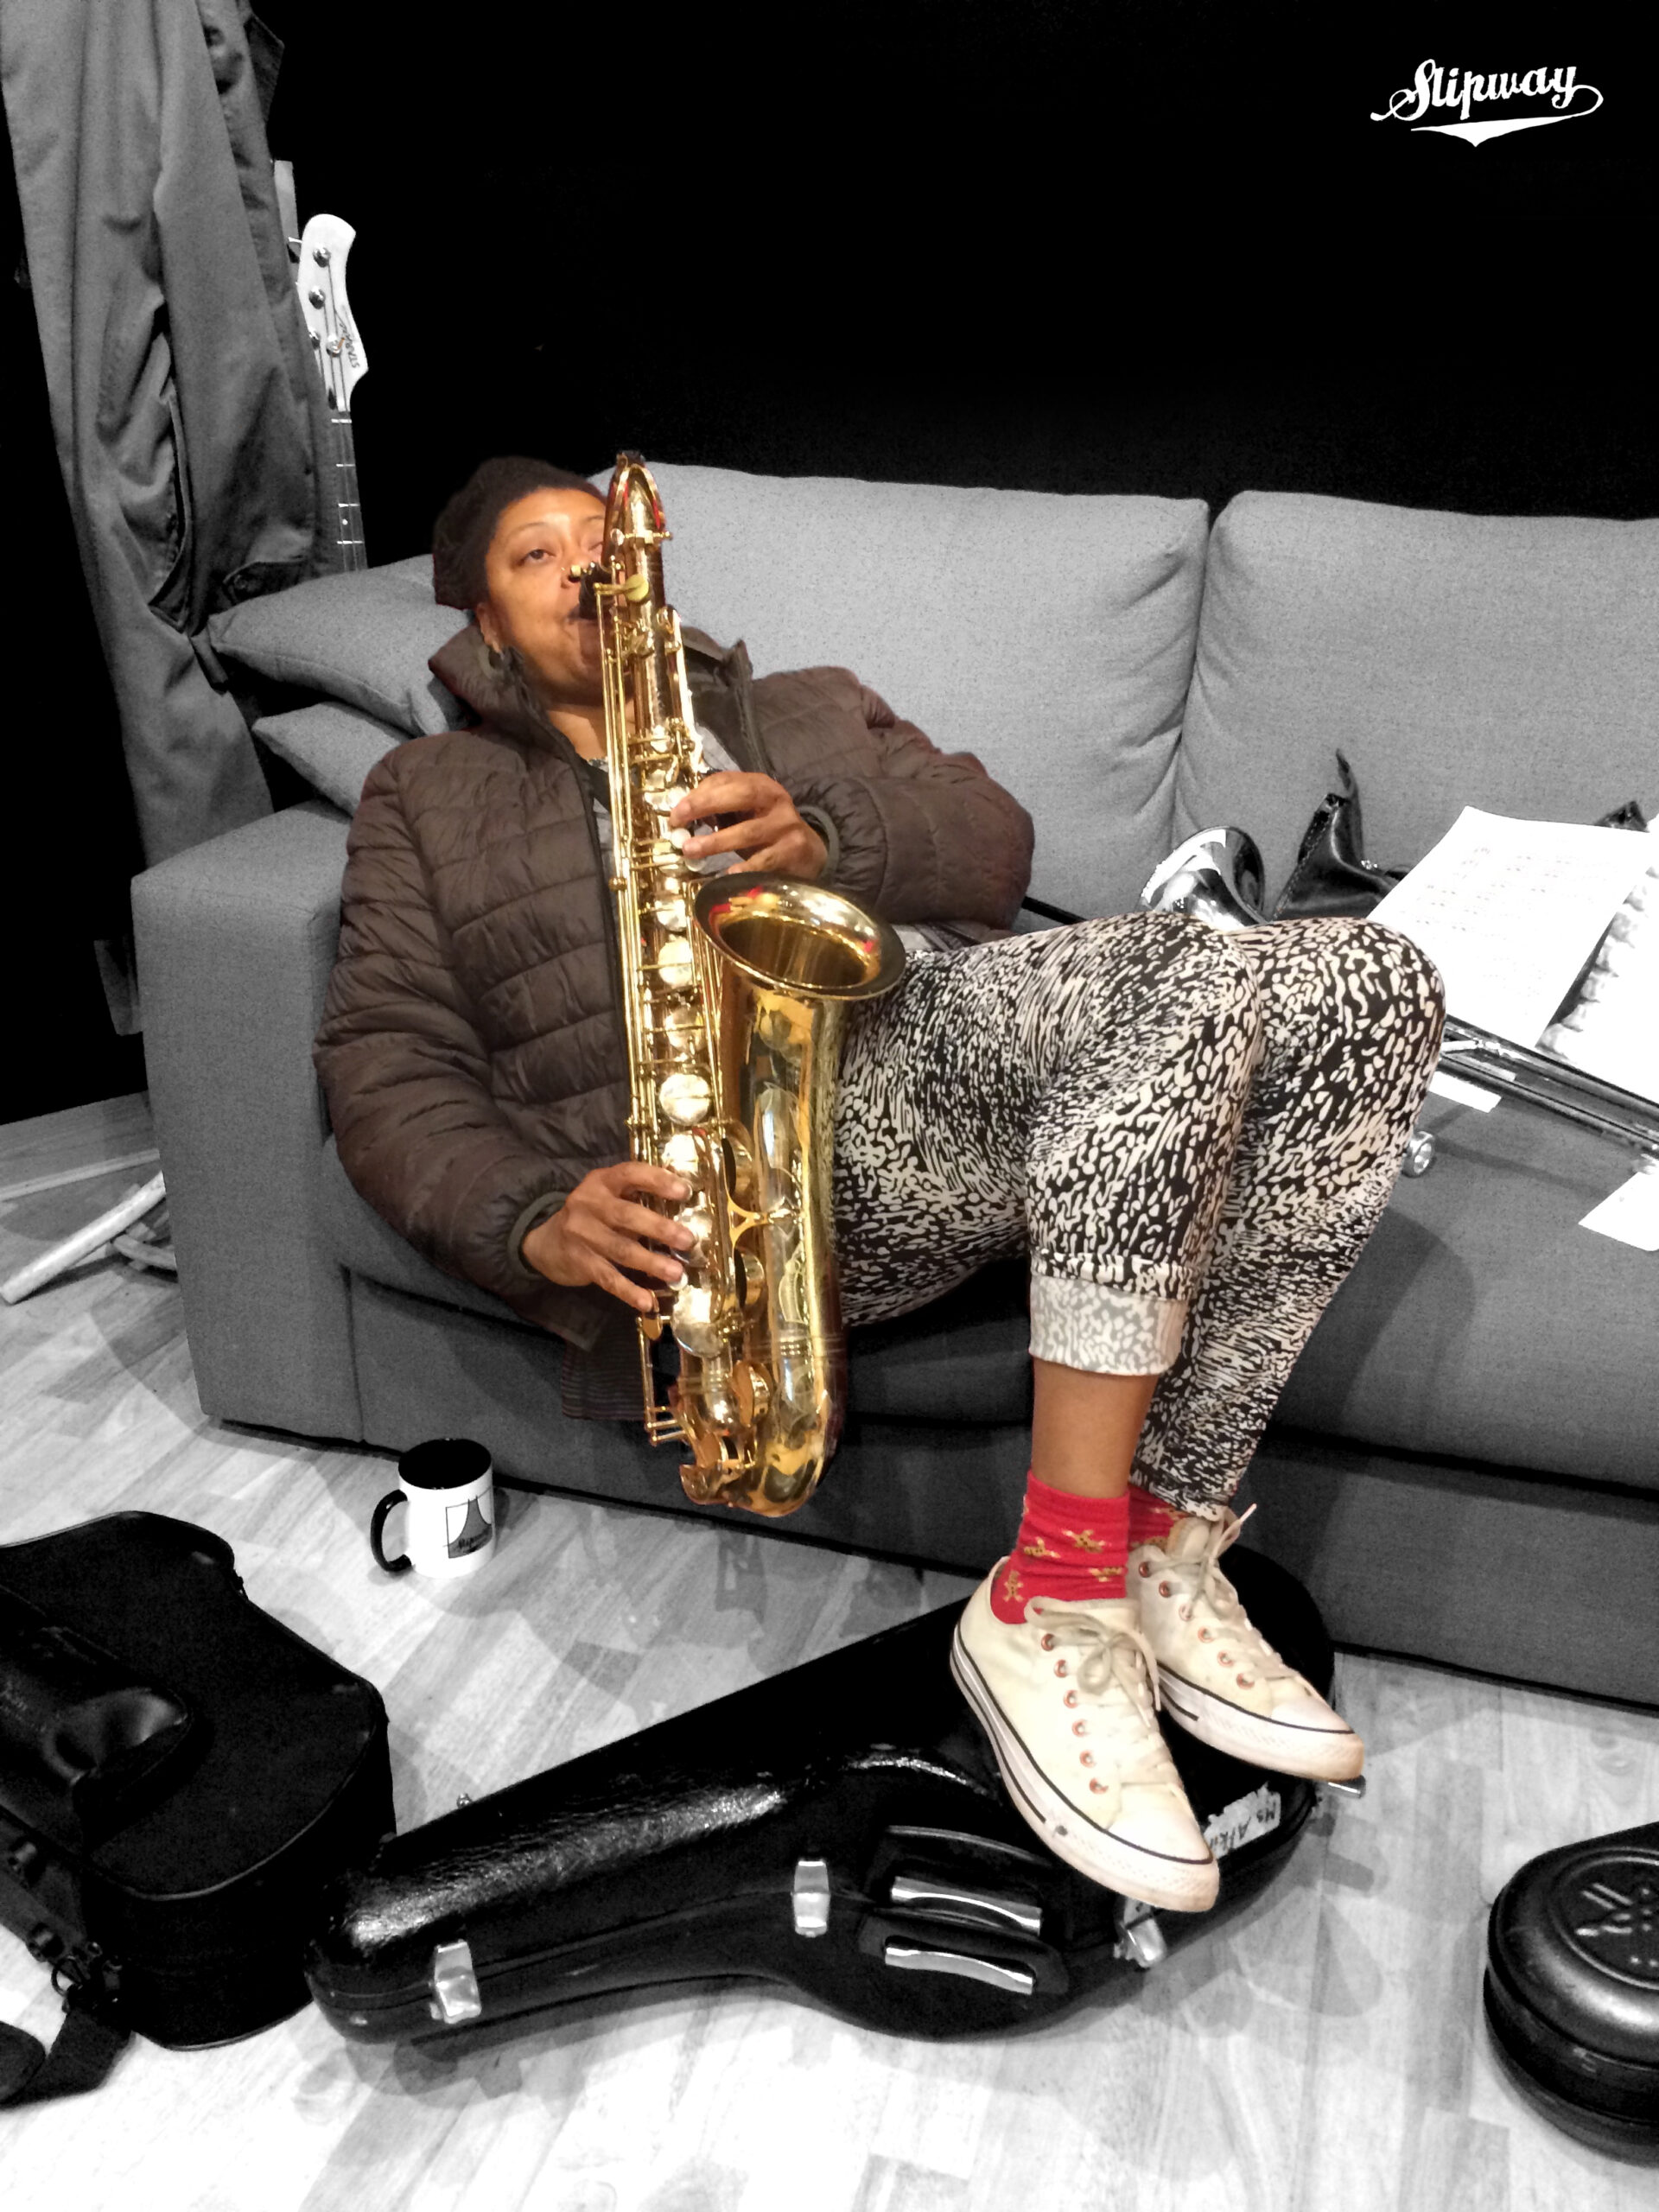 Slipway-Studio_Recording-Saxophone_02